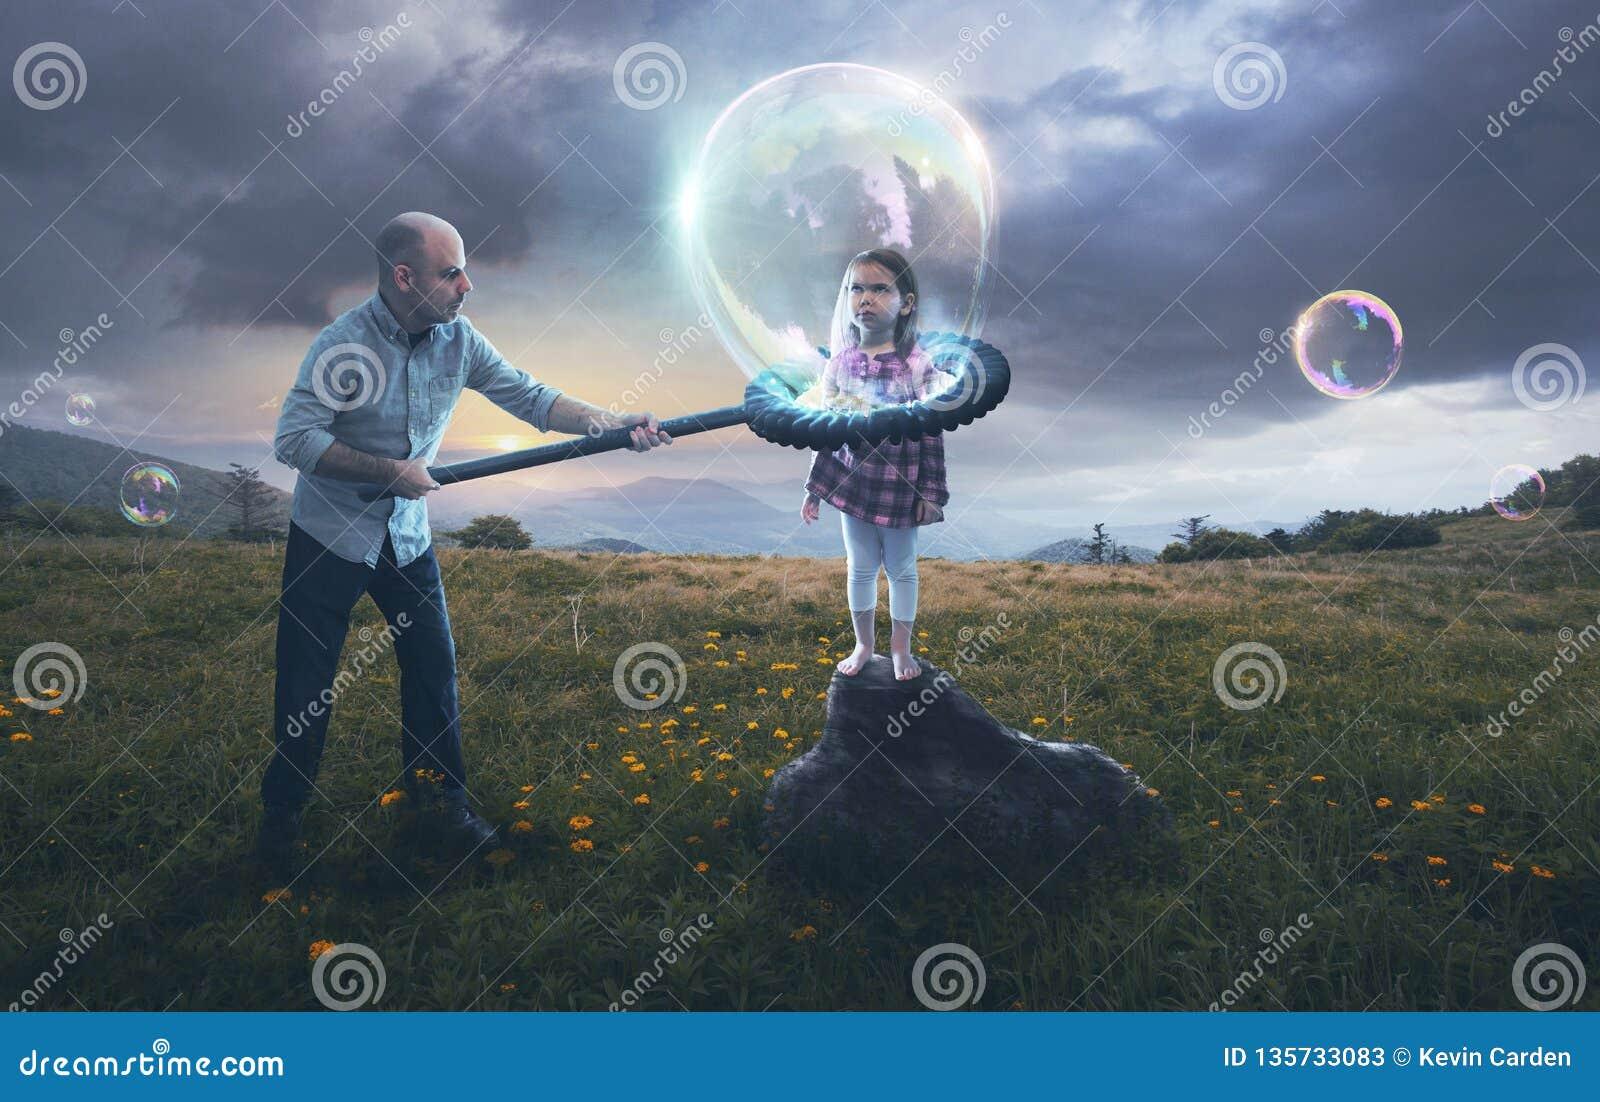 Vater, der Kind in eine Blase einsetzt